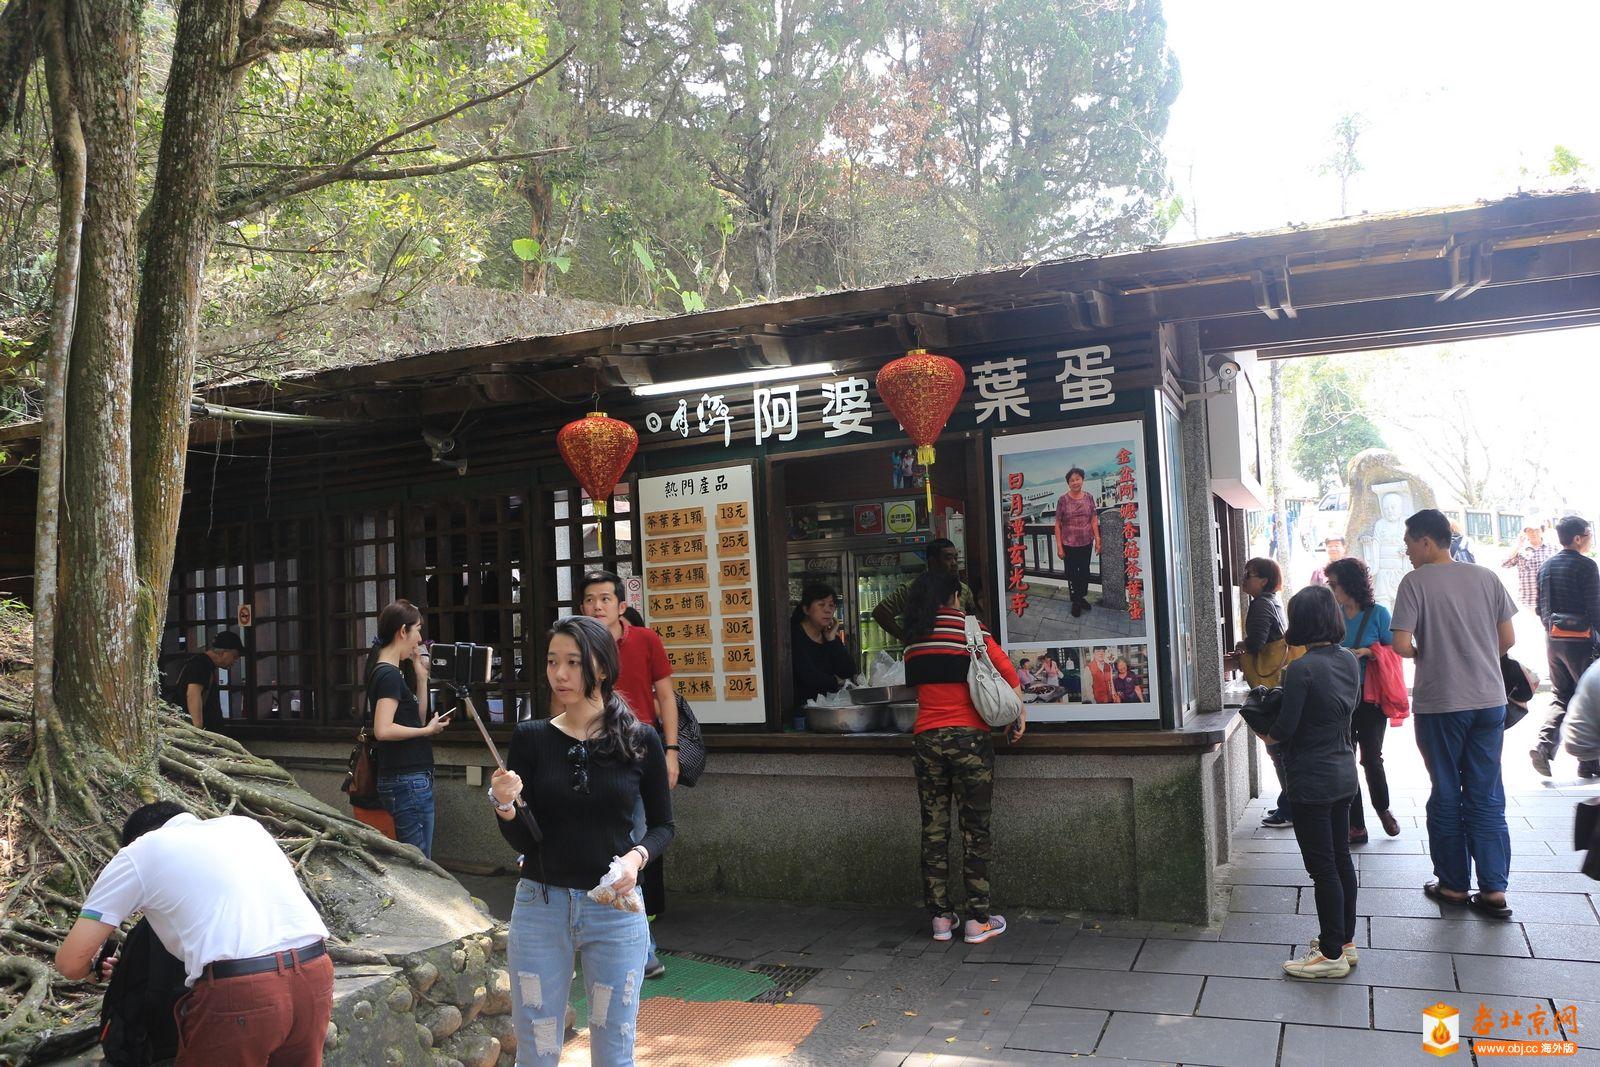 台灣中部三日遊之日月潭水蛙頭步道與搭乘遊艇遊潭篇